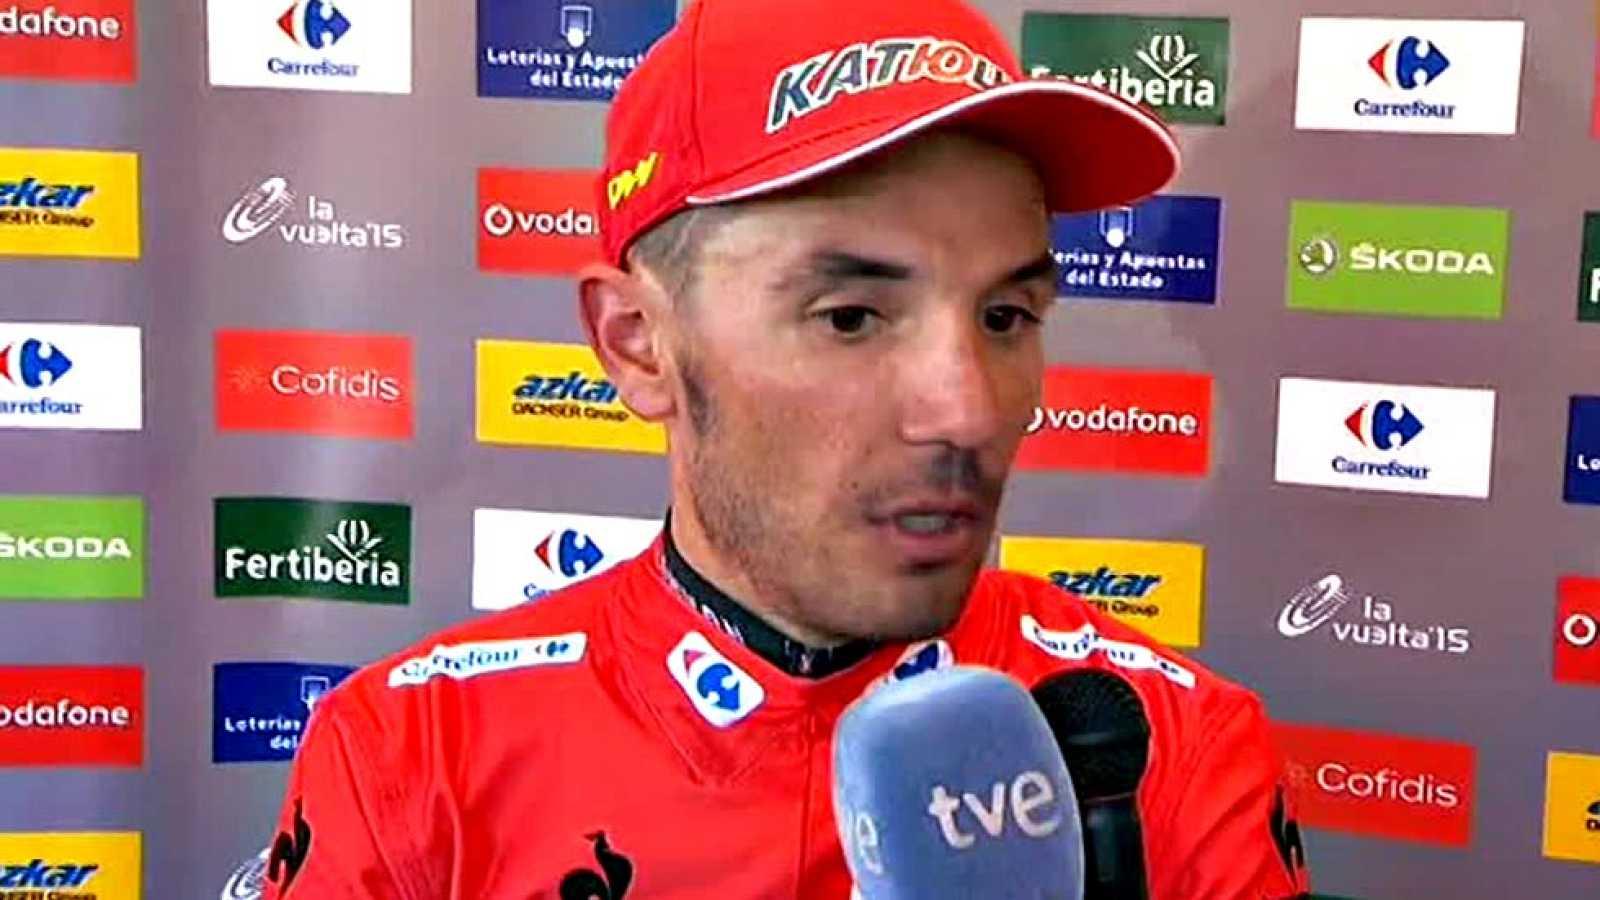 El flamante líder de la Vuelta considera que su renta sobre el holandés no es suficiente de cara a la contrarreloj de Burgos.